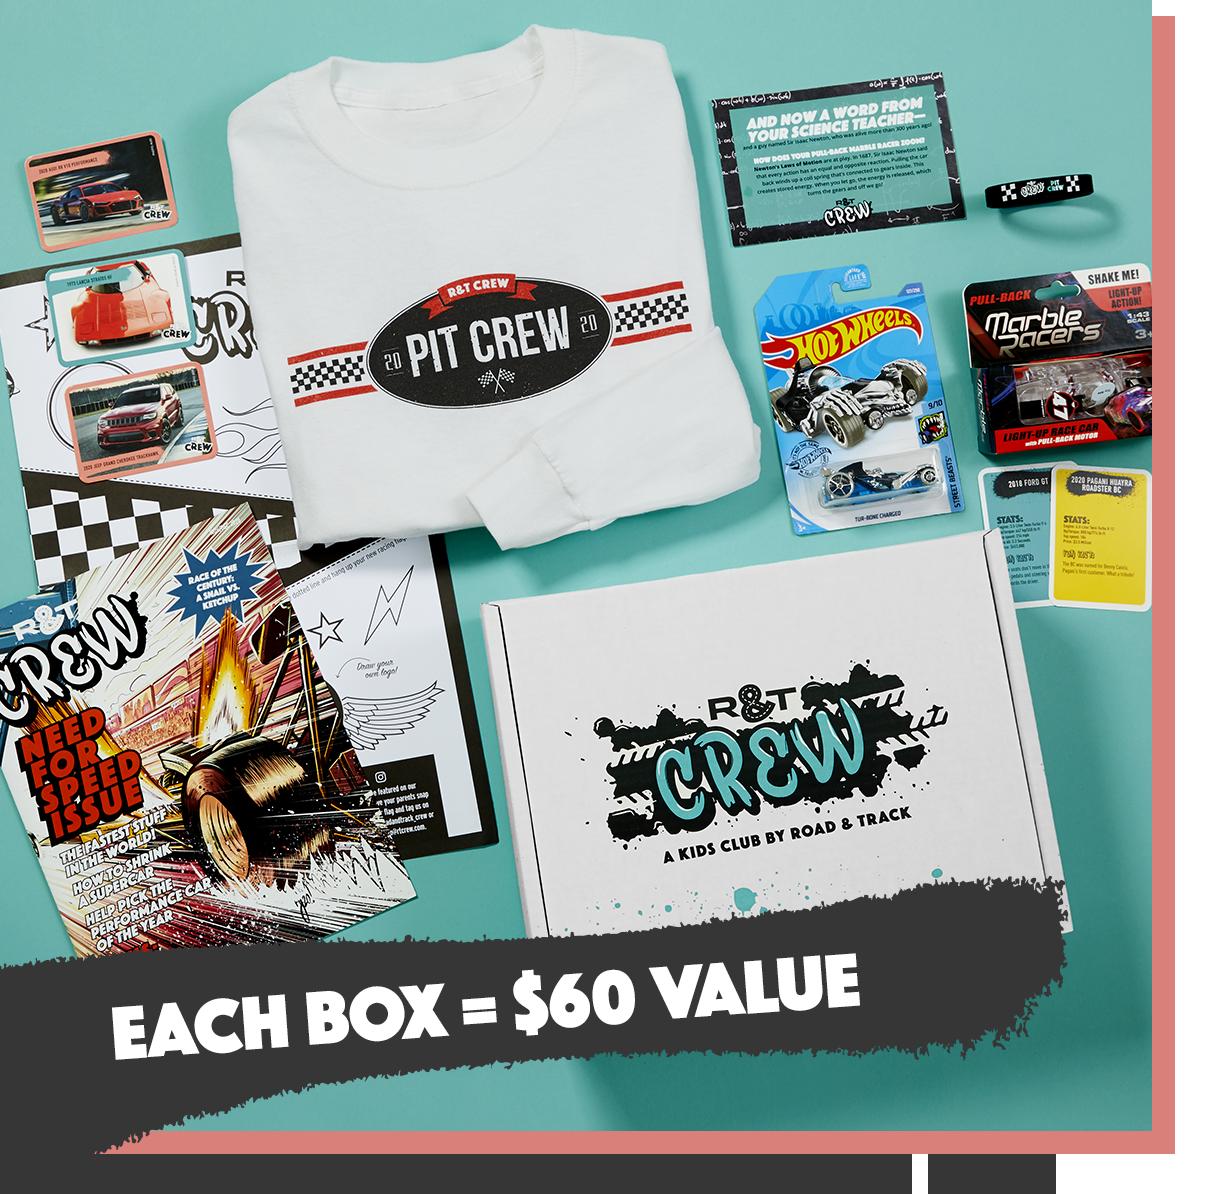 R&T Crew Box